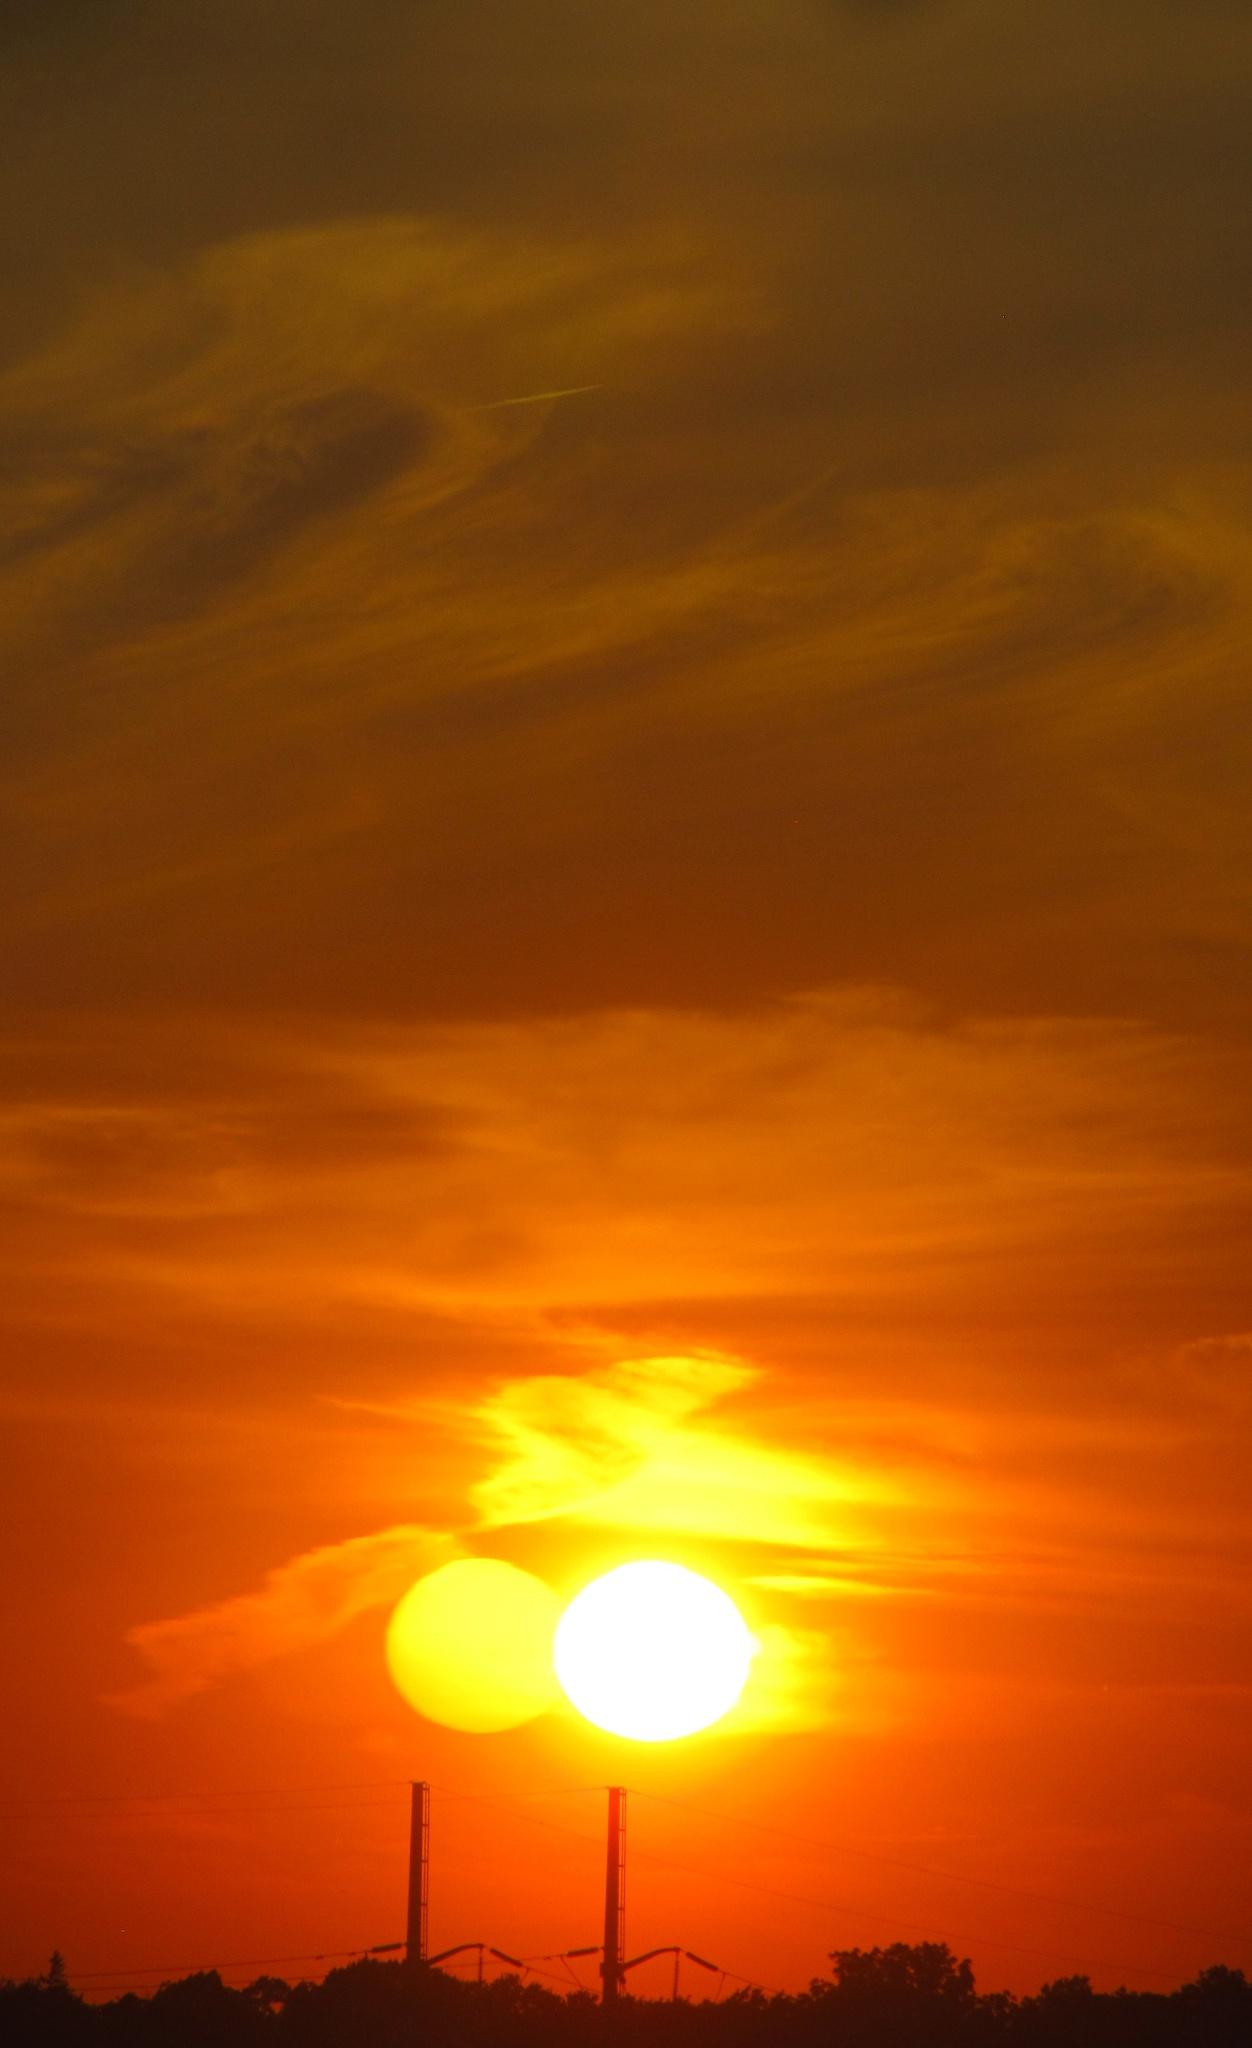 Orange Red Sky by simonp